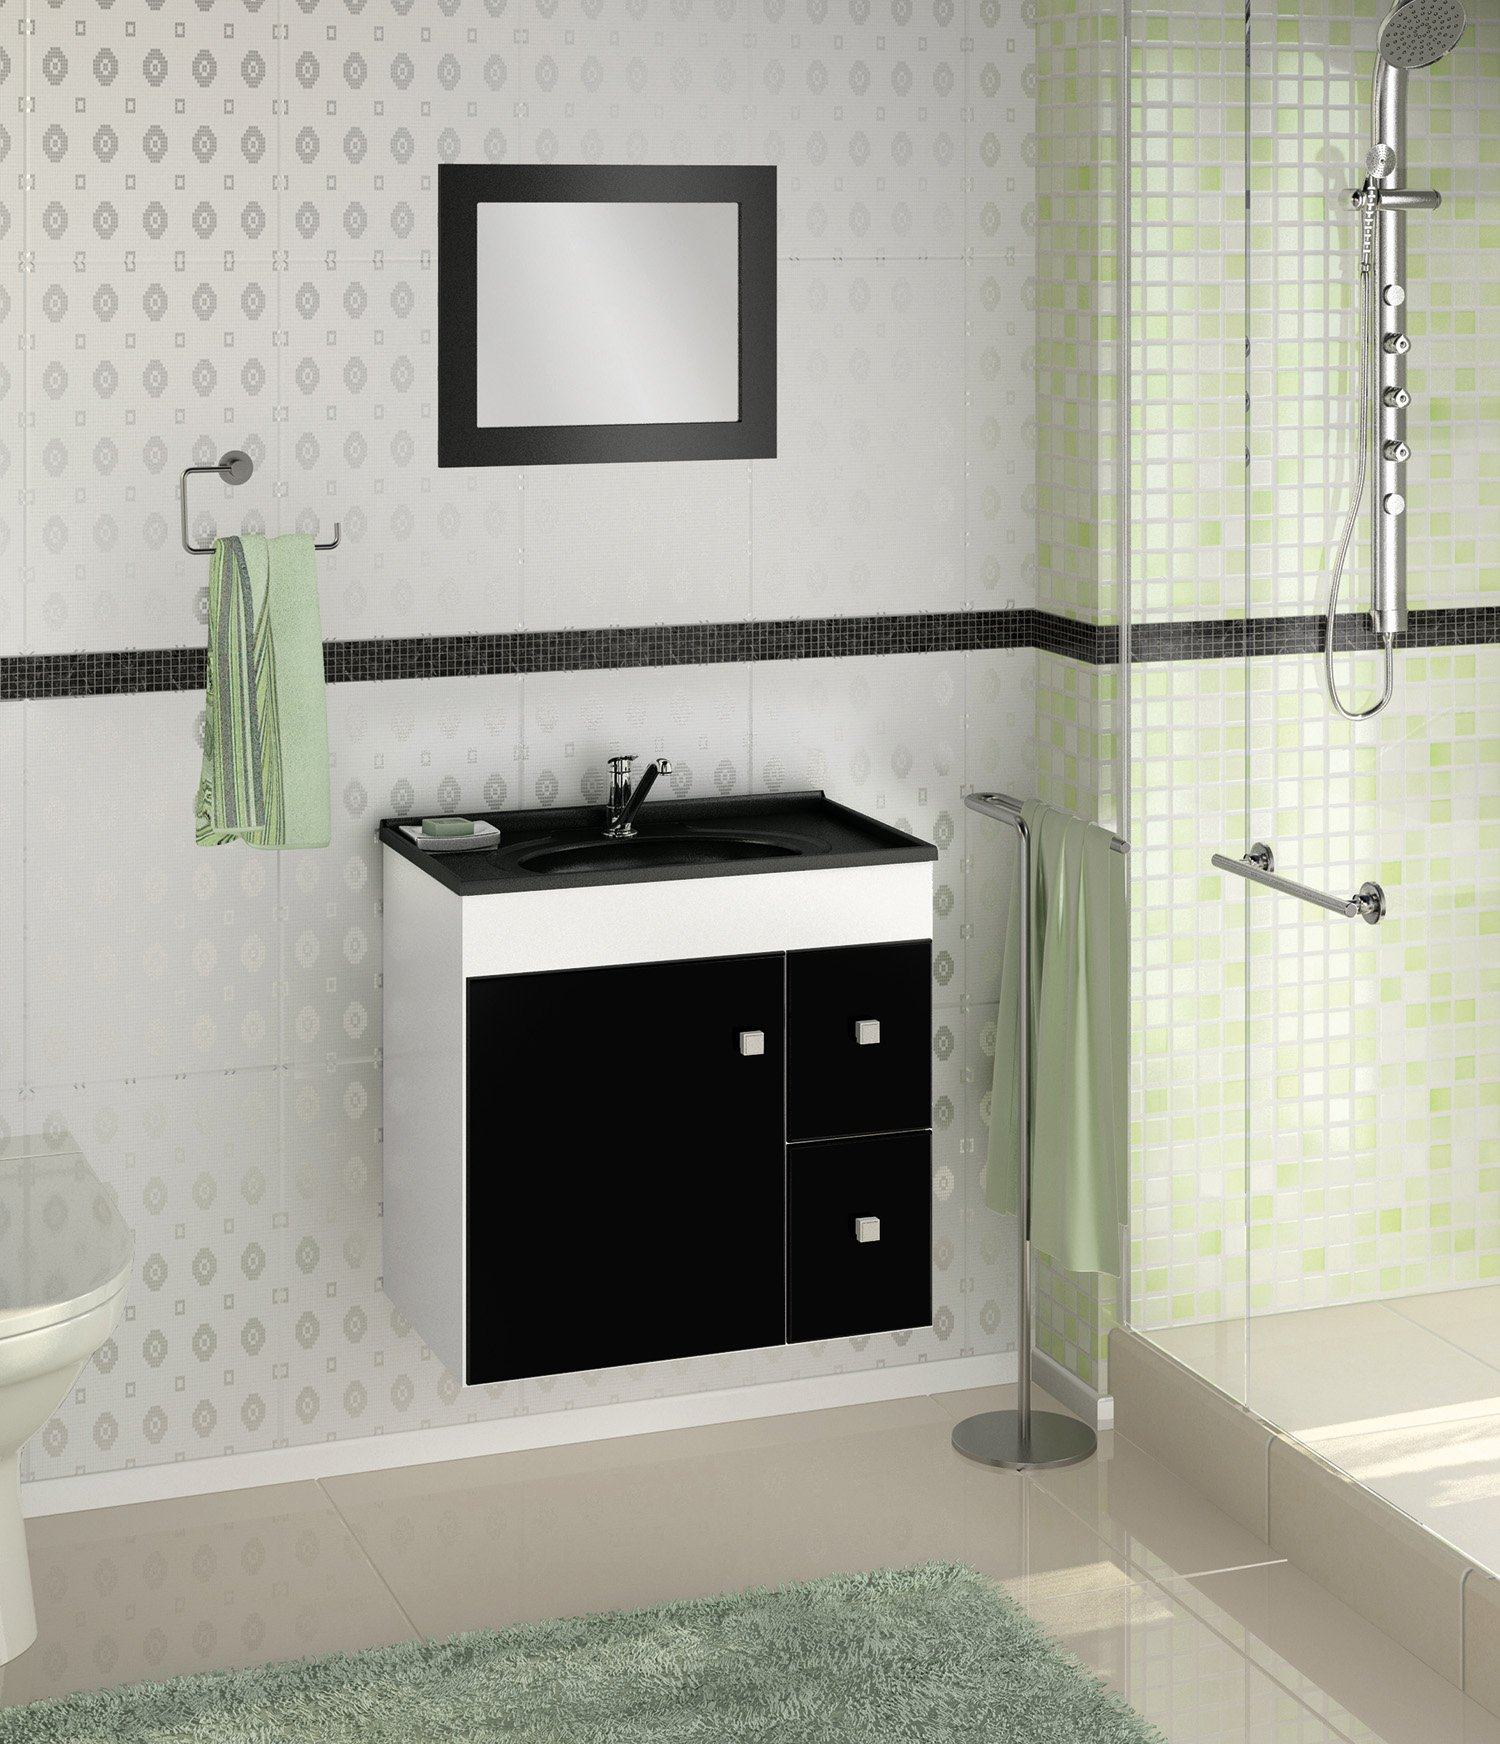 Pics Photos Gabinetes Para Banheiro Com Recorte Para Encaixar A  #6A7556 1500 1744